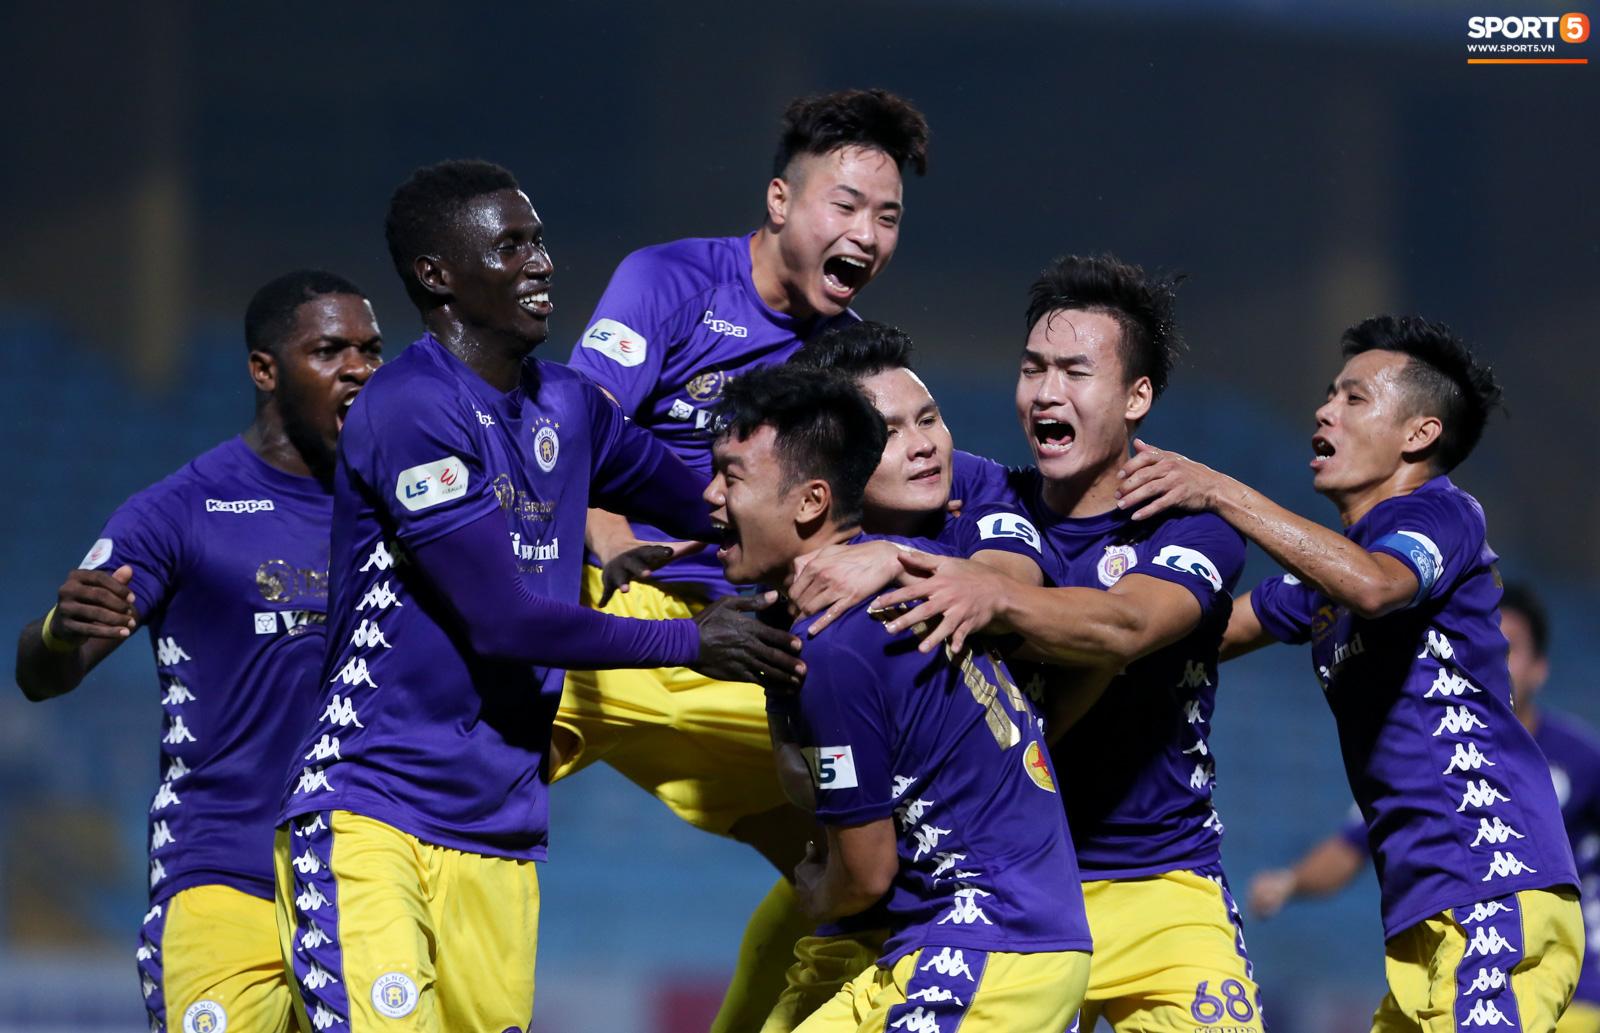 Quang Hải đòi trọng tài rút thẻ phạt cho bạn cũ ở U23 Việt Nam sau pha phạm lỗi nguy hiểm - Ảnh 11.